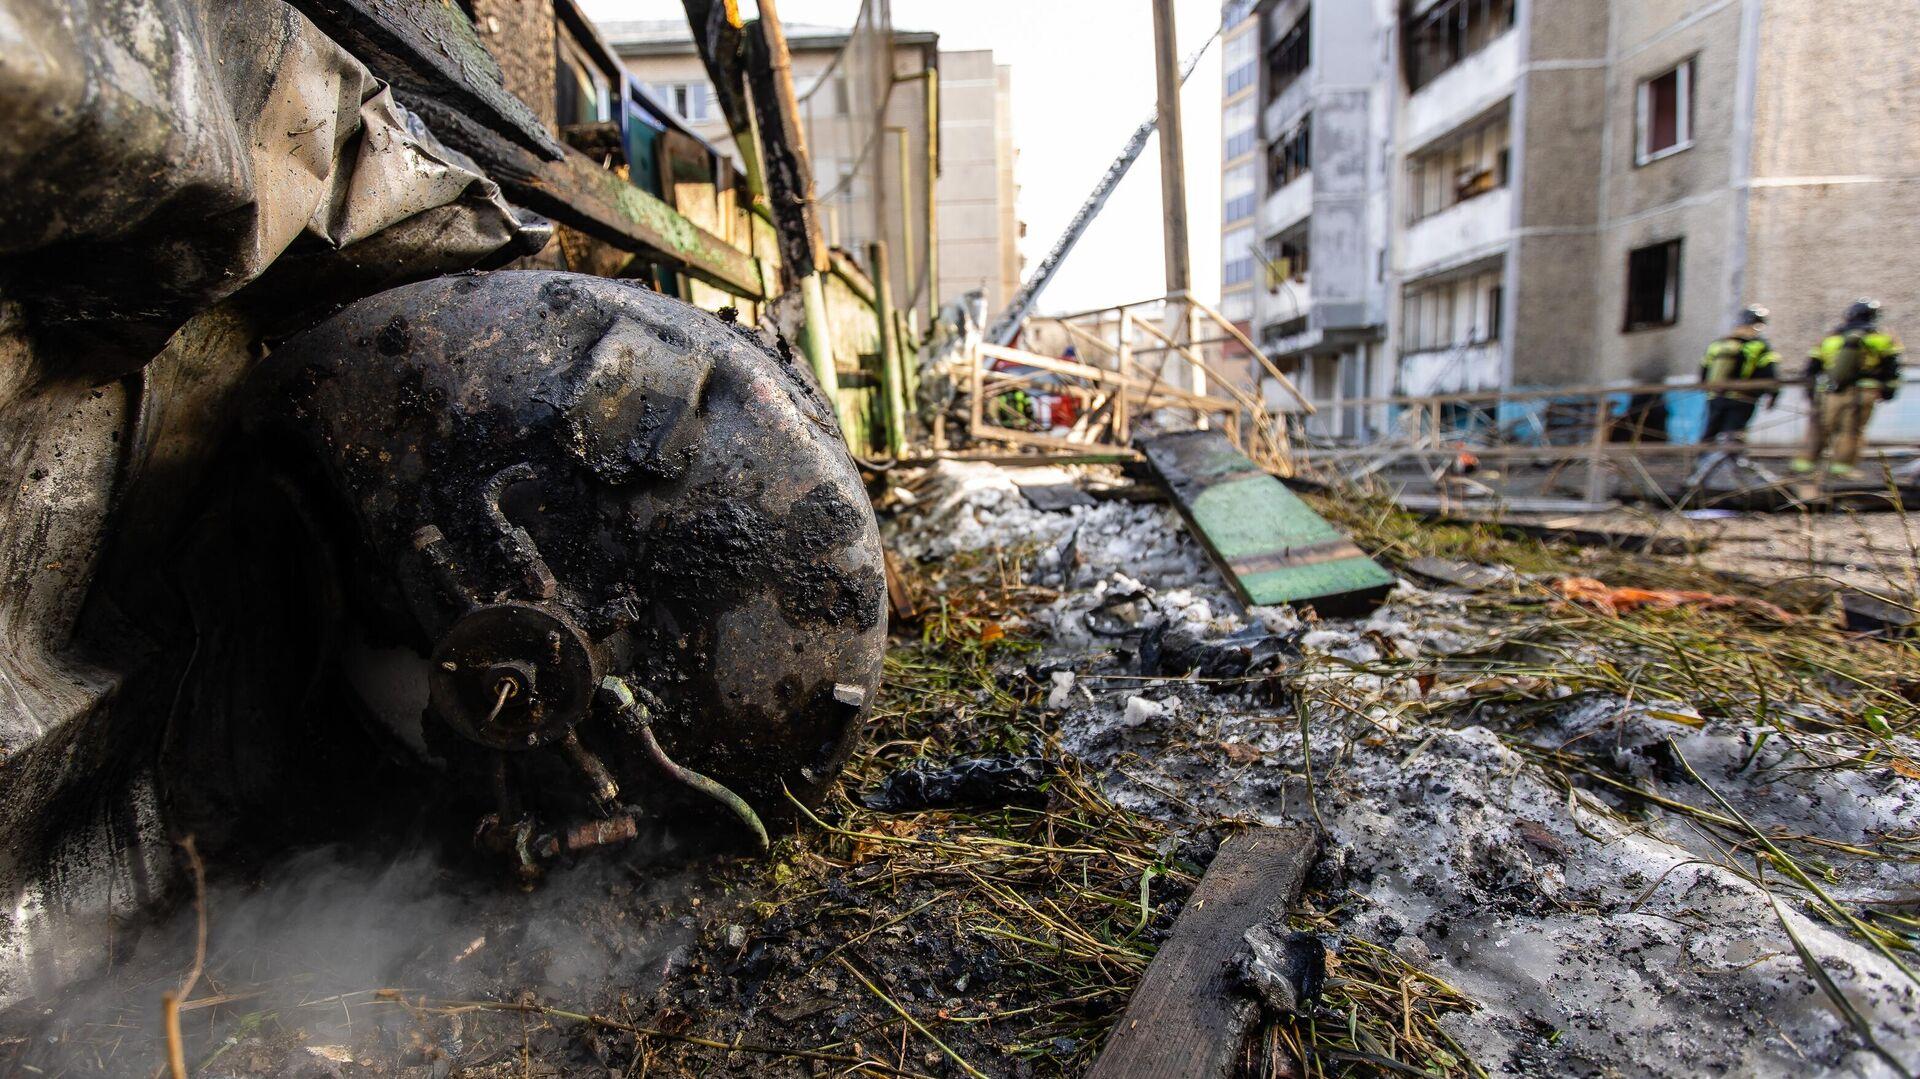 Последствия взрыва и возгорания в поликлинике 2-й городской больницы Челябинска - РИА Новости, 1920, 31.10.2020